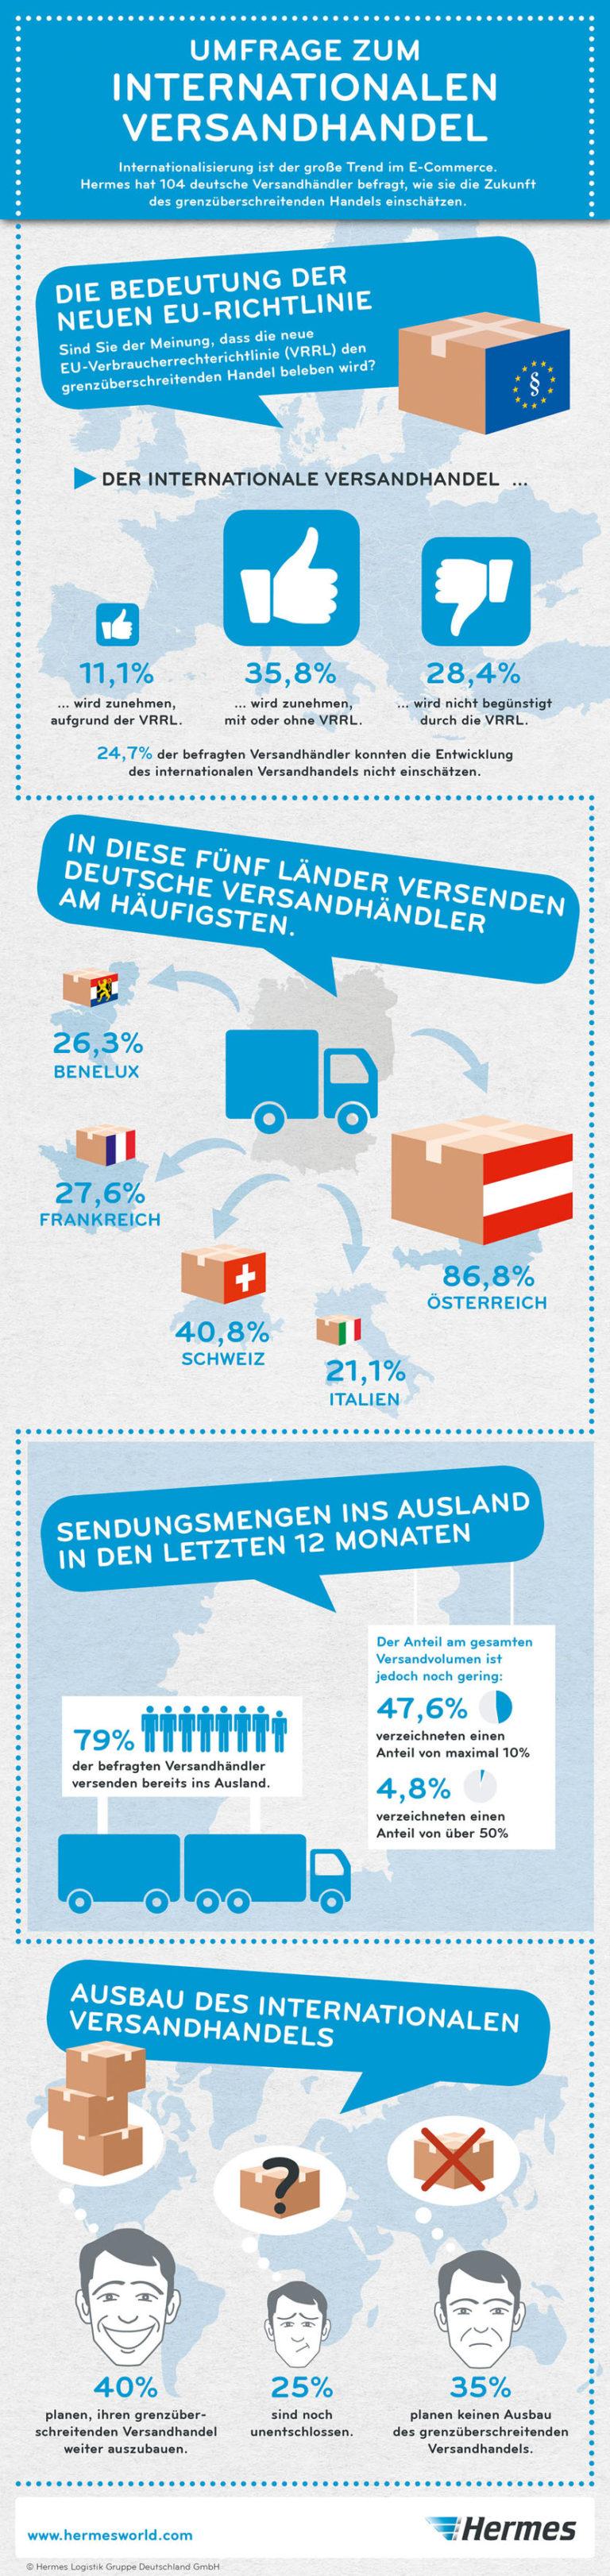 Internationalisierung ist ein großer Trend im E-Commerce. Hermes hat 104 deutsche Versandhändler befragt, wie sie die Zukunft des grenzüberschreitenden Handels einschätzen.cross-border-versand